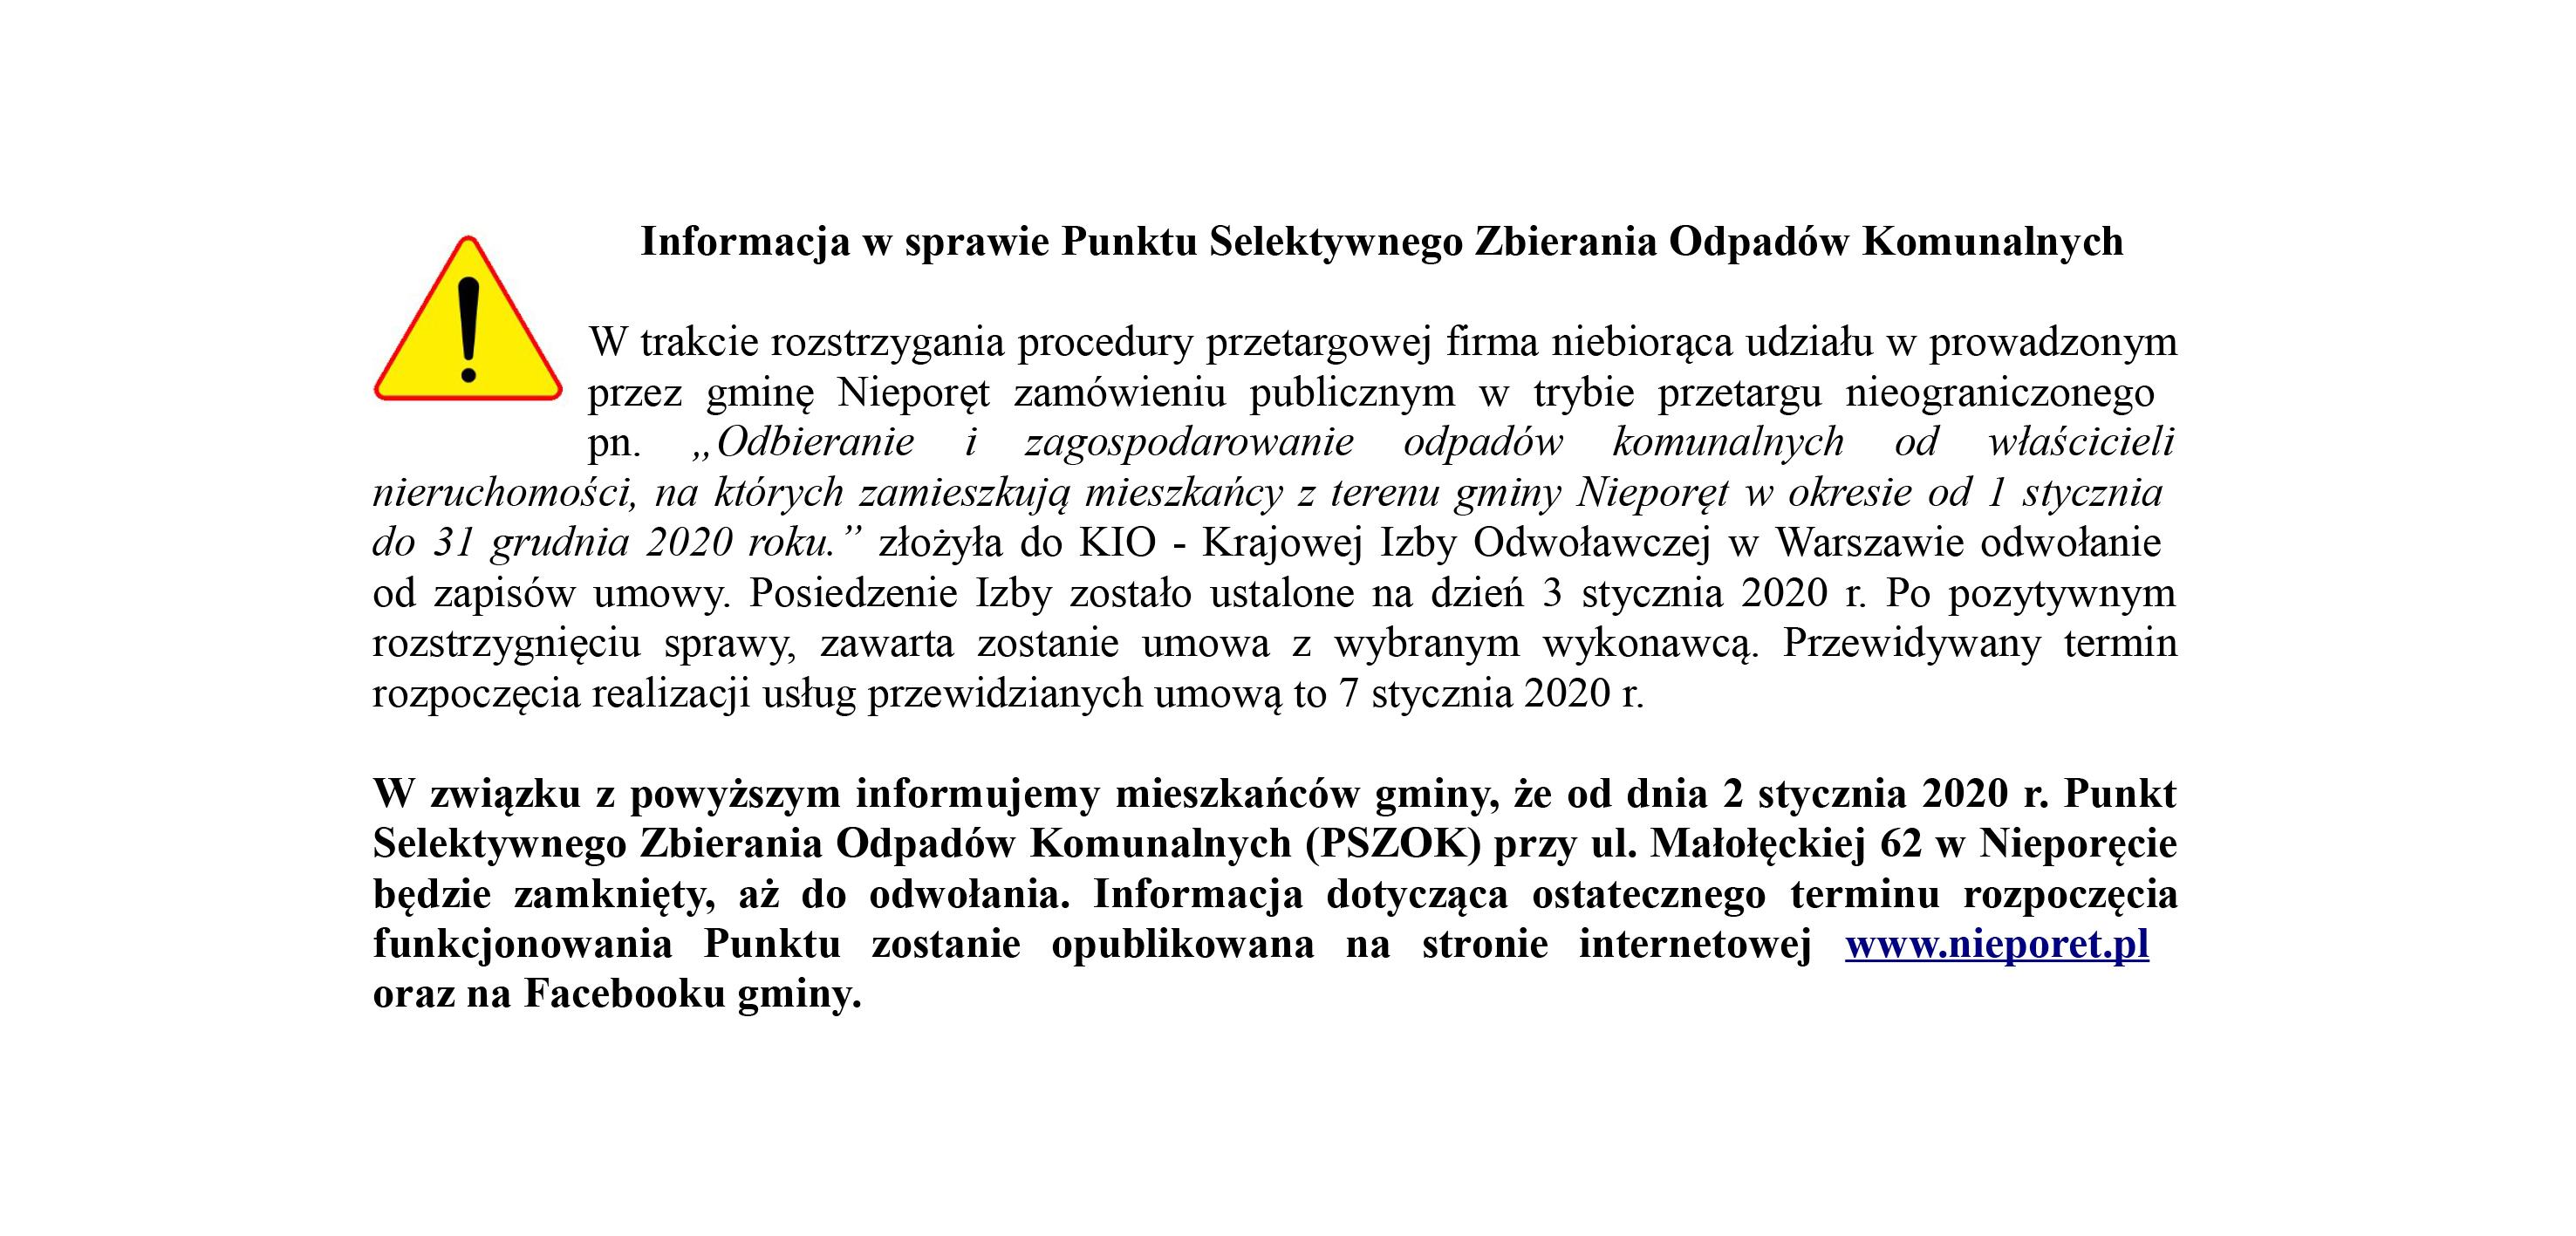 Informacja na stronę o chwilowym zamknieciu PSZOK